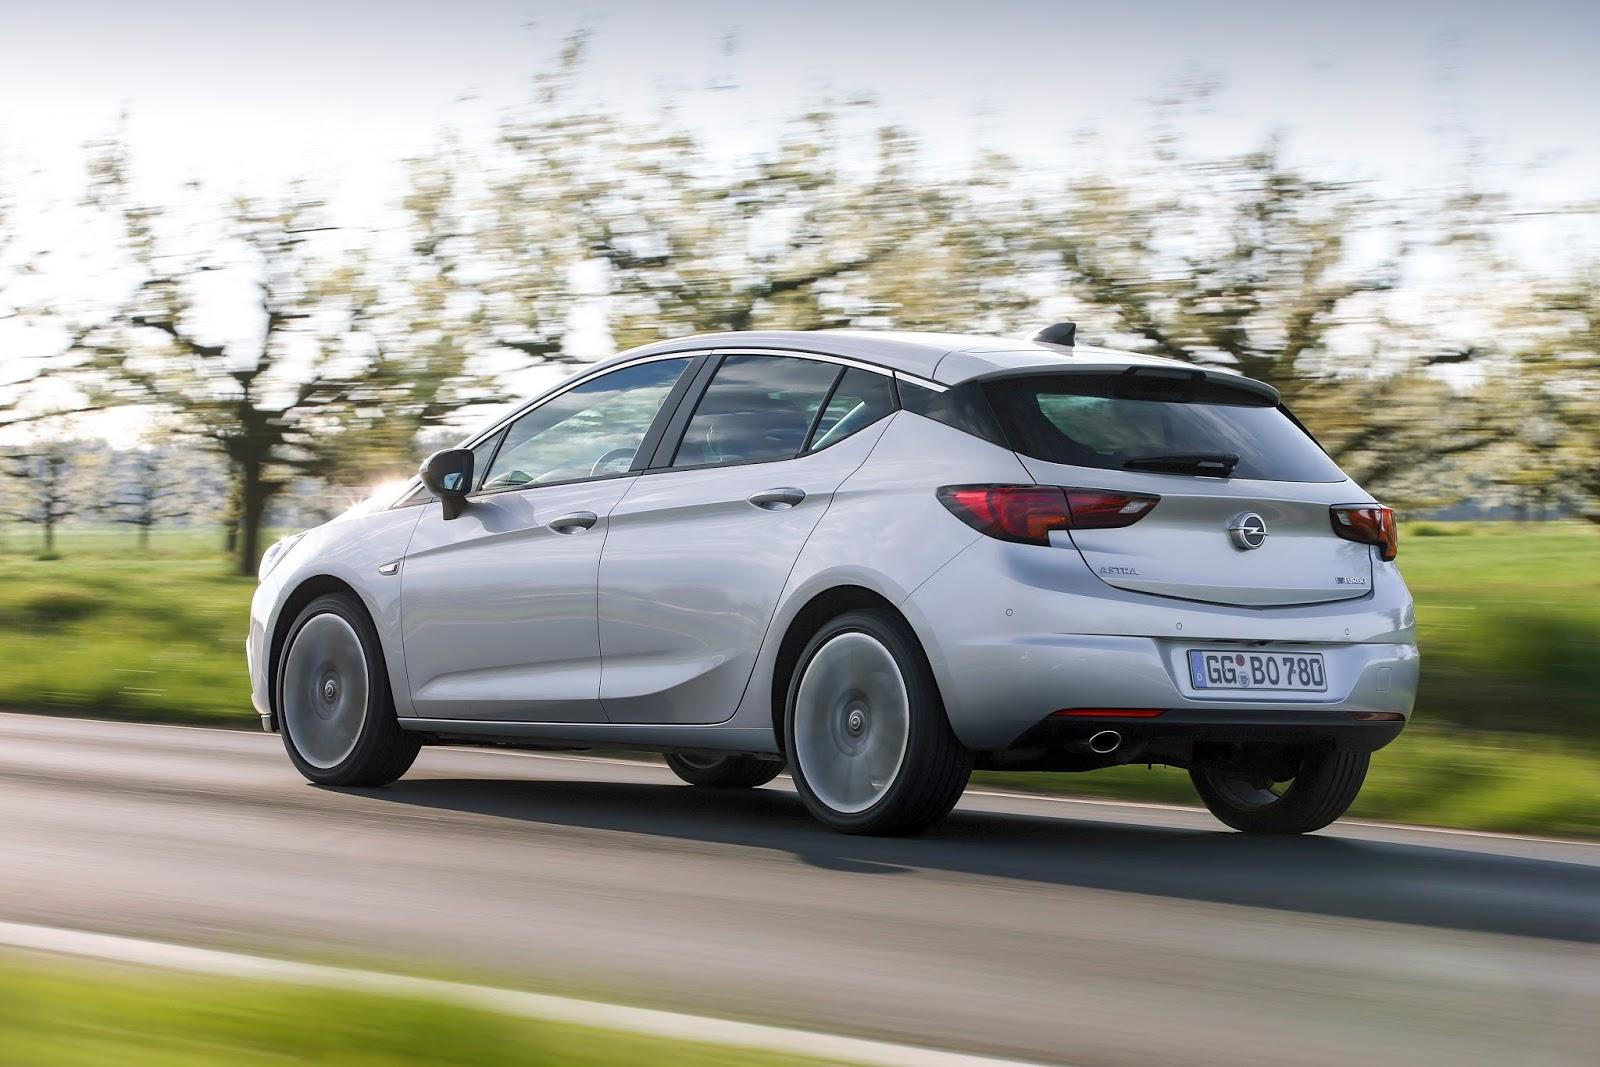 Opel Astra BiTurbo 5 door 3013232B252812529 Το καυτό Opel Astra BiTurbo diesel συνδυάζει τις επιδόσεις με την οικονομία! Hatchback, Opel, Opel Astra, Opel Astra BiTurbo, Opel Astra BiTurbo Hatchback, twin-turbo